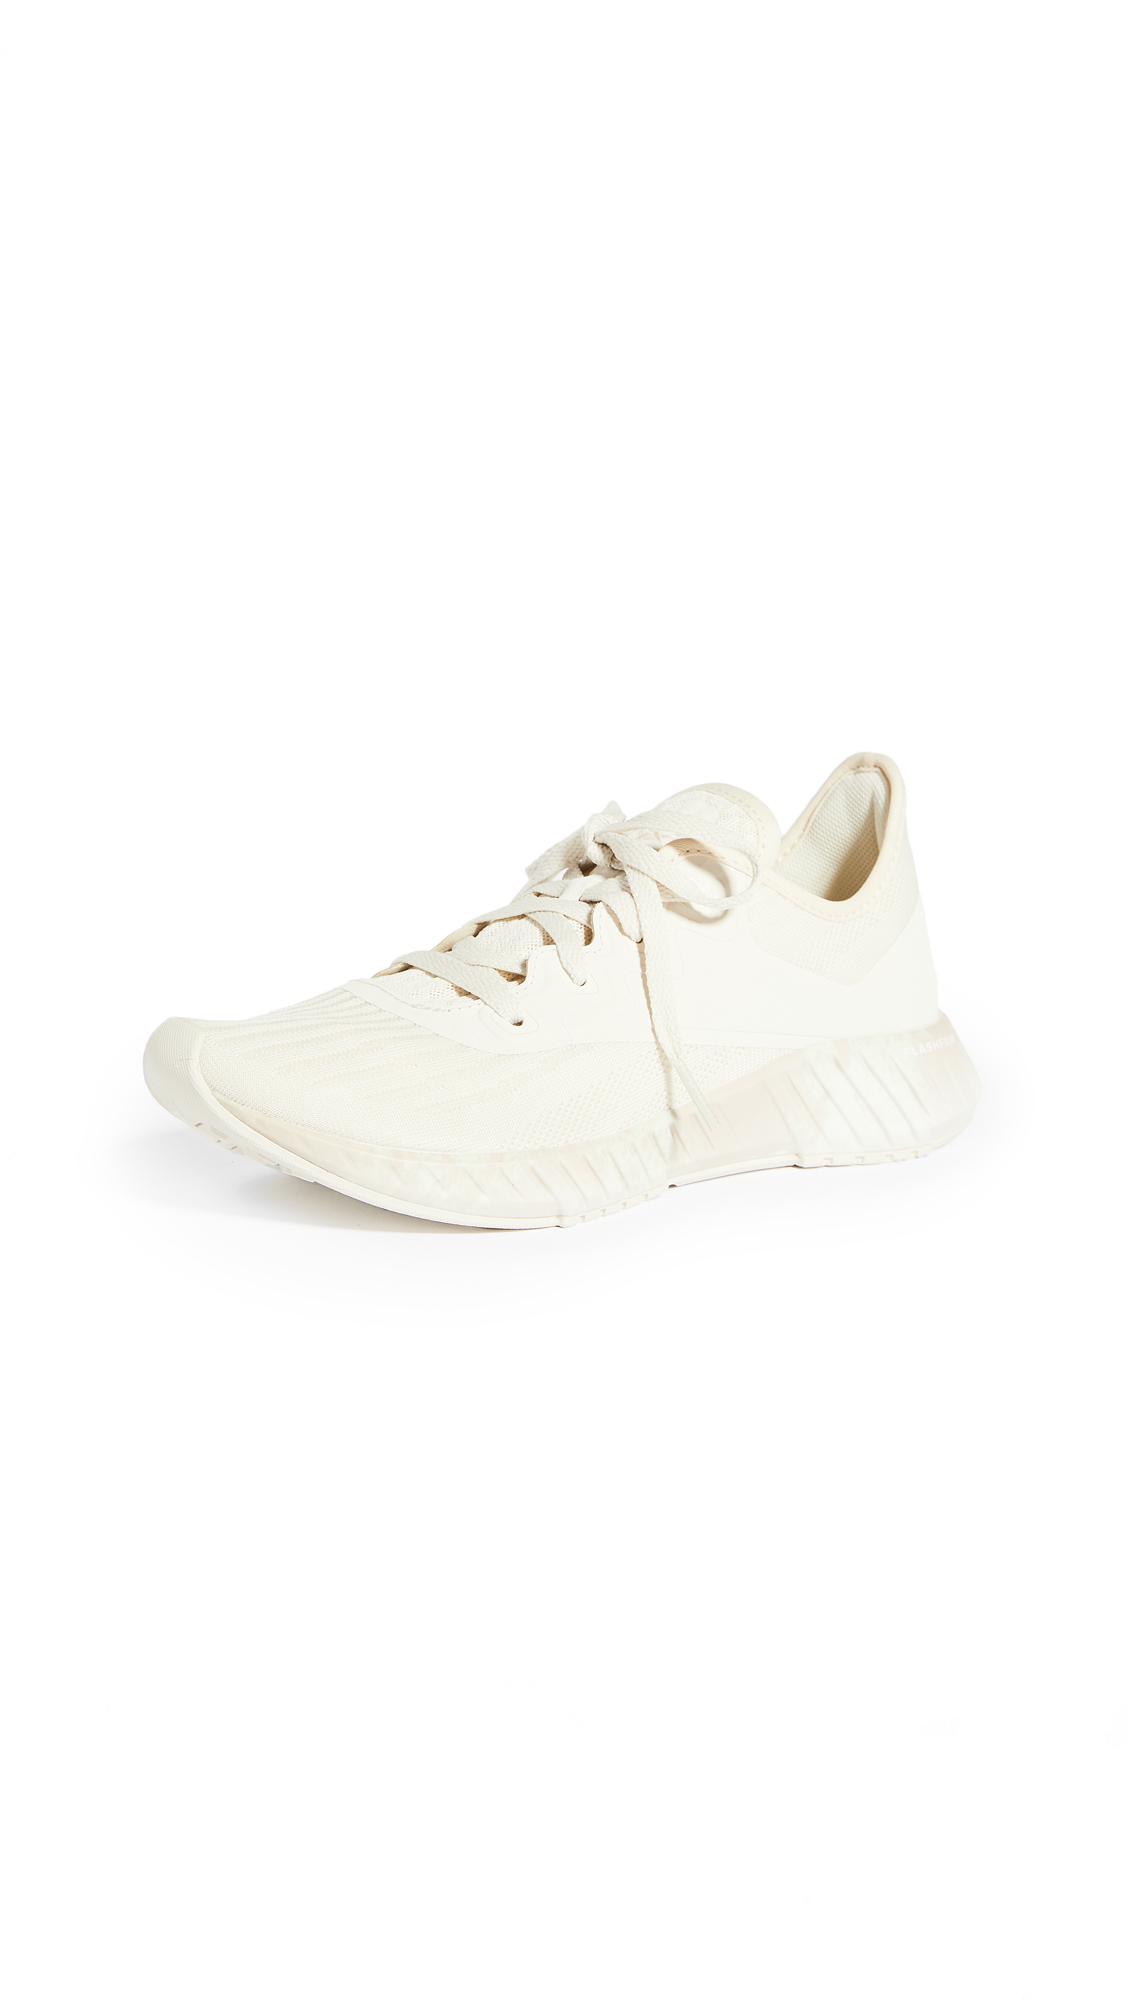 Reebok Flashfilm 2.0 Sneakers